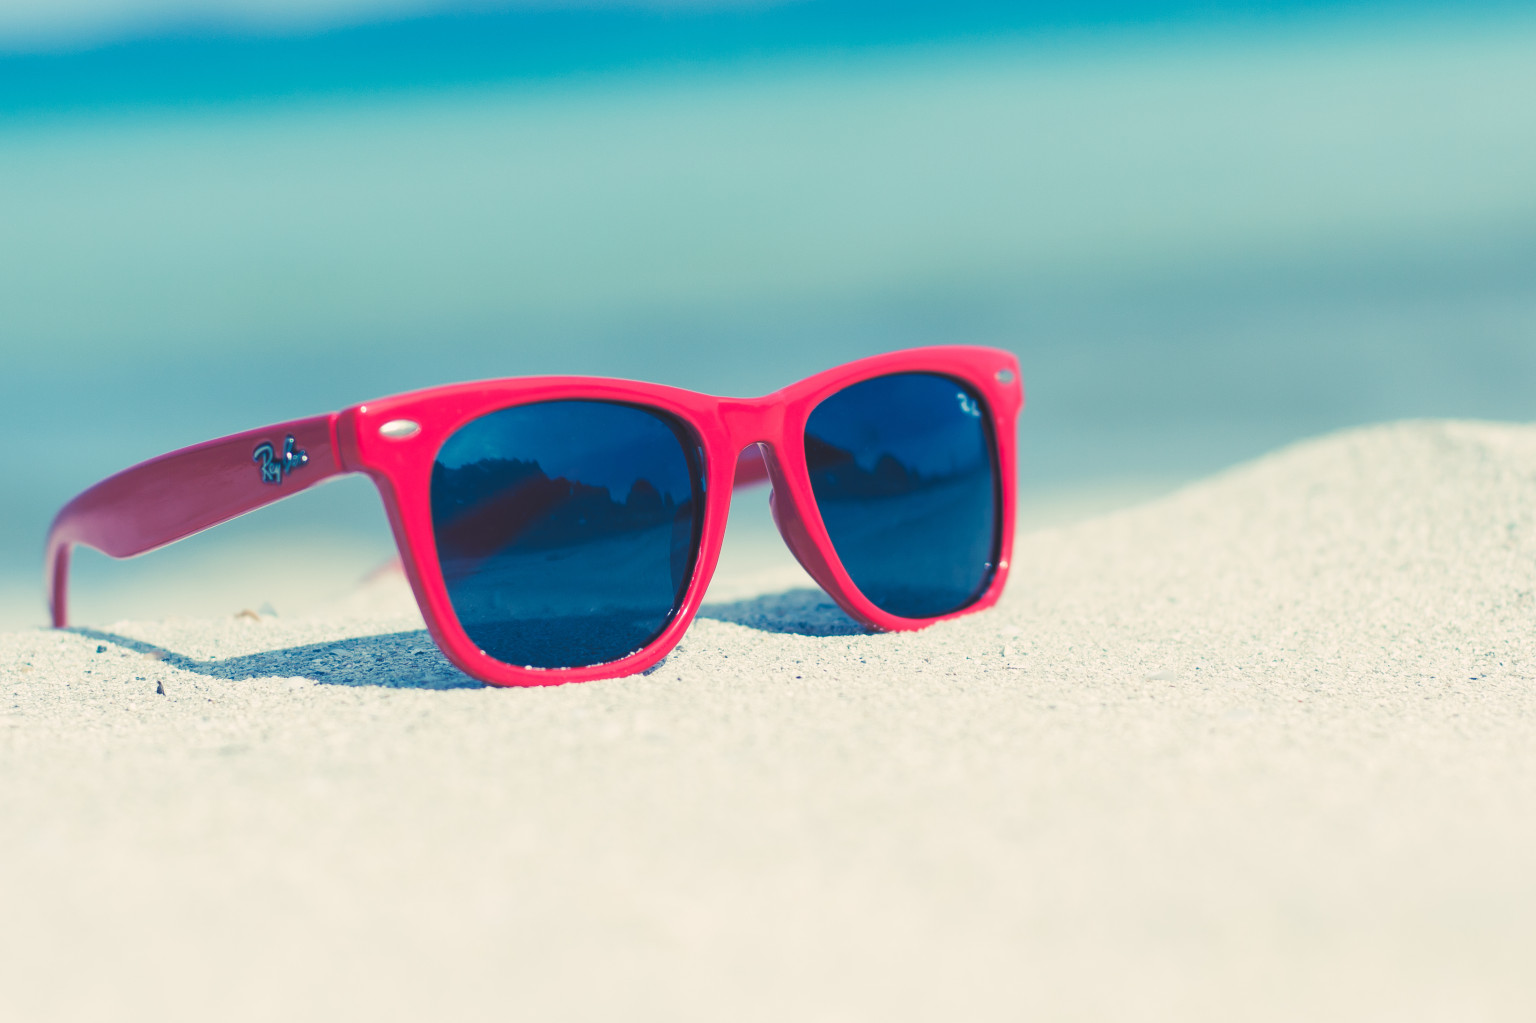 ba4e20ca8f2e7 Óculos de sol  como comprar